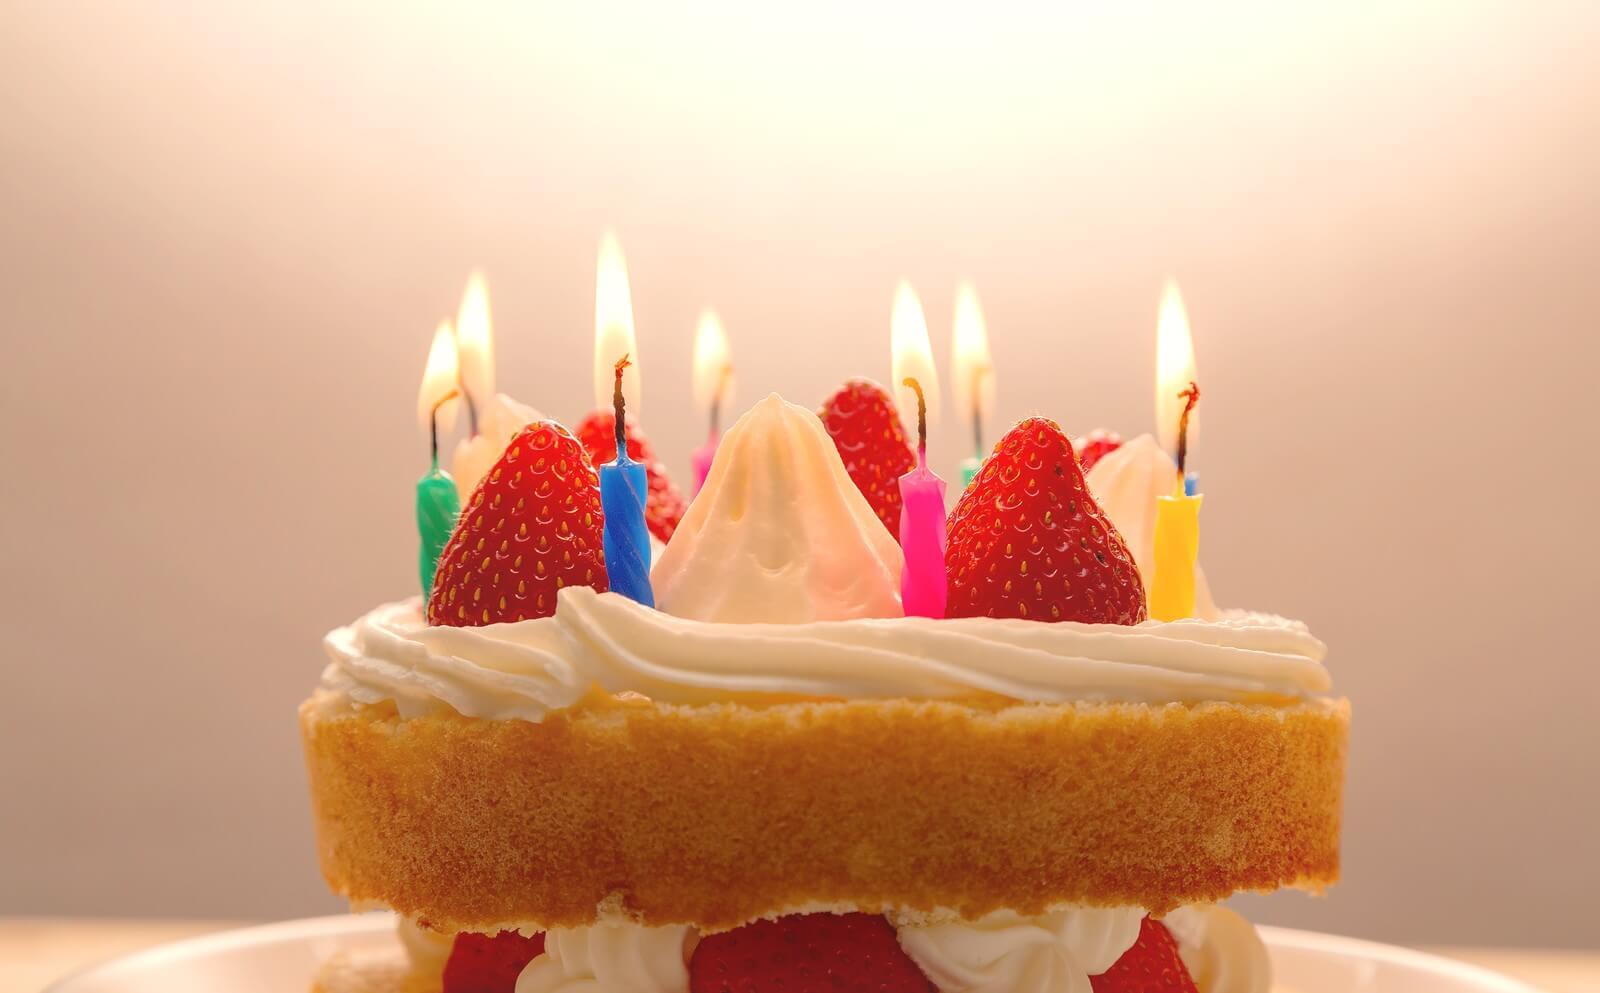 本日、9月27日は2BRO.弟者さんの誕生日!おめでとうございます!